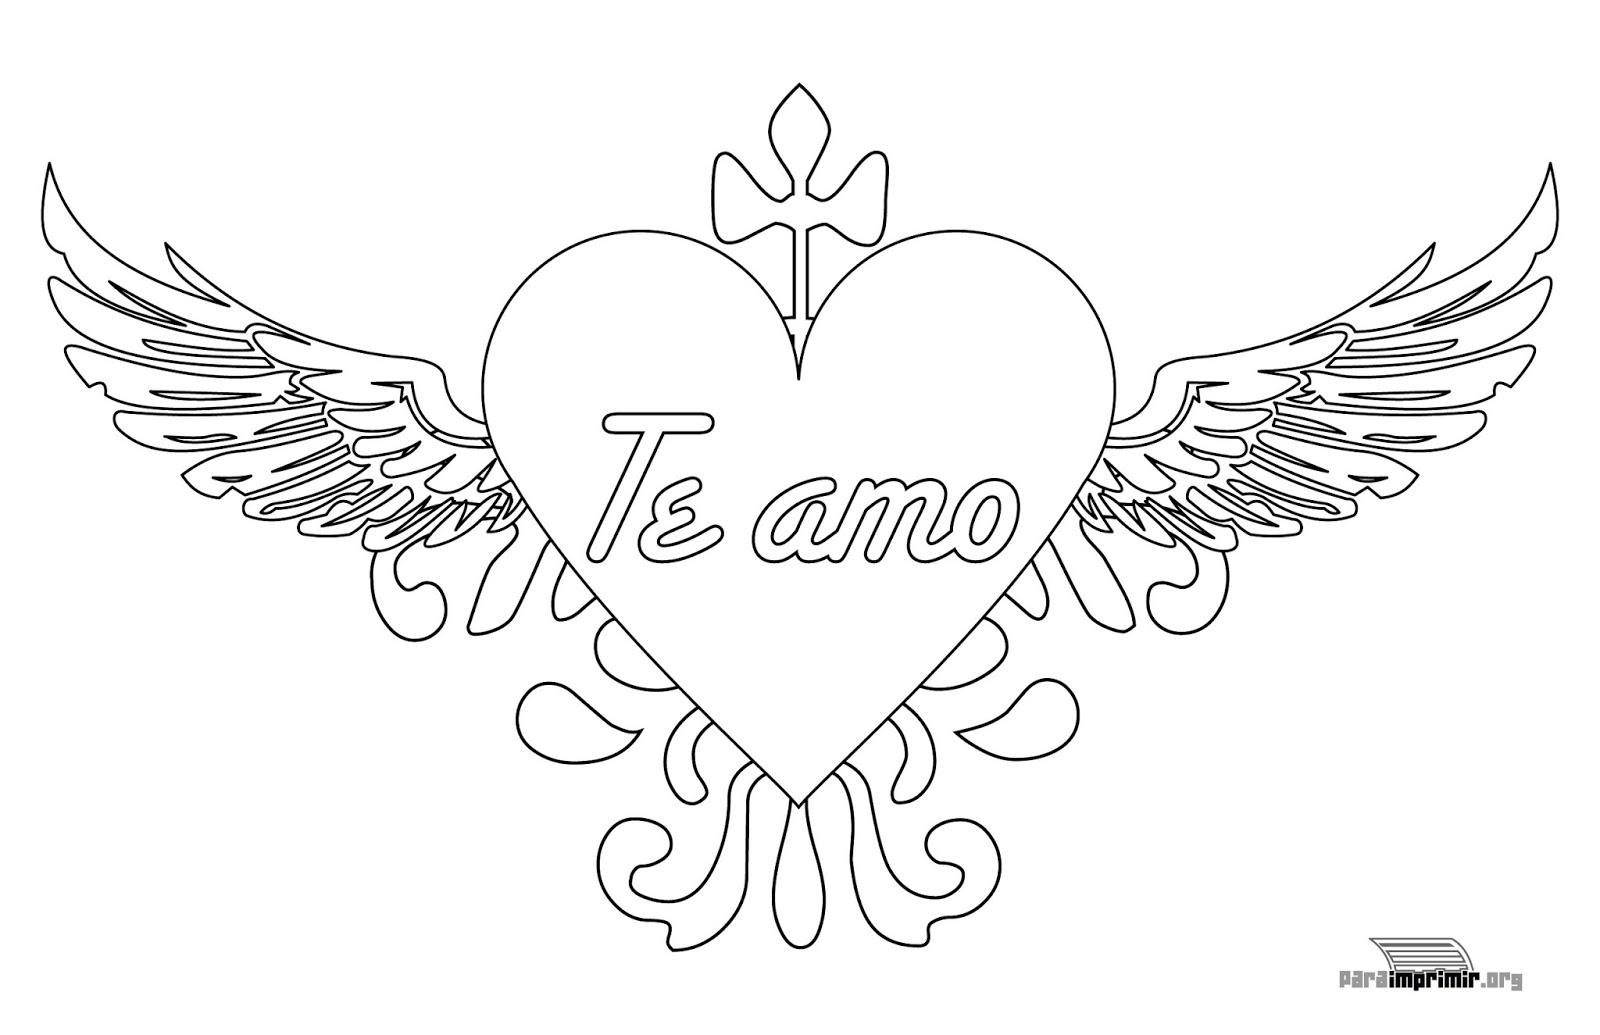 Imagenes de amor para dibujar | Imagenes para las redes sociales ...